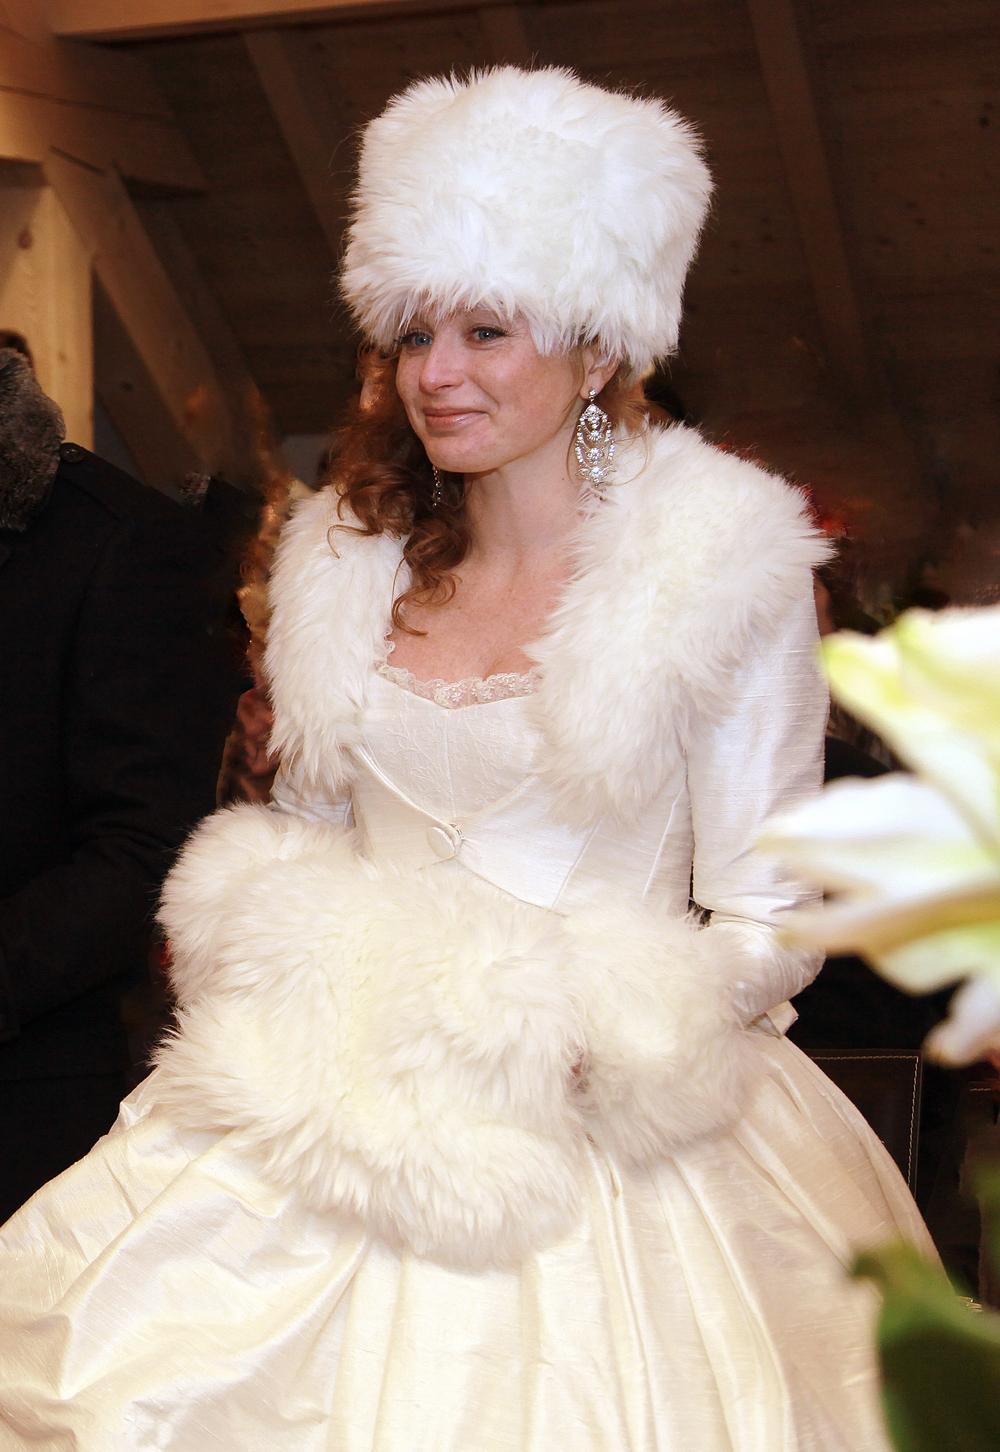 Robe de mariée et veste soie fourrure Agnes Szabelewski.jpg